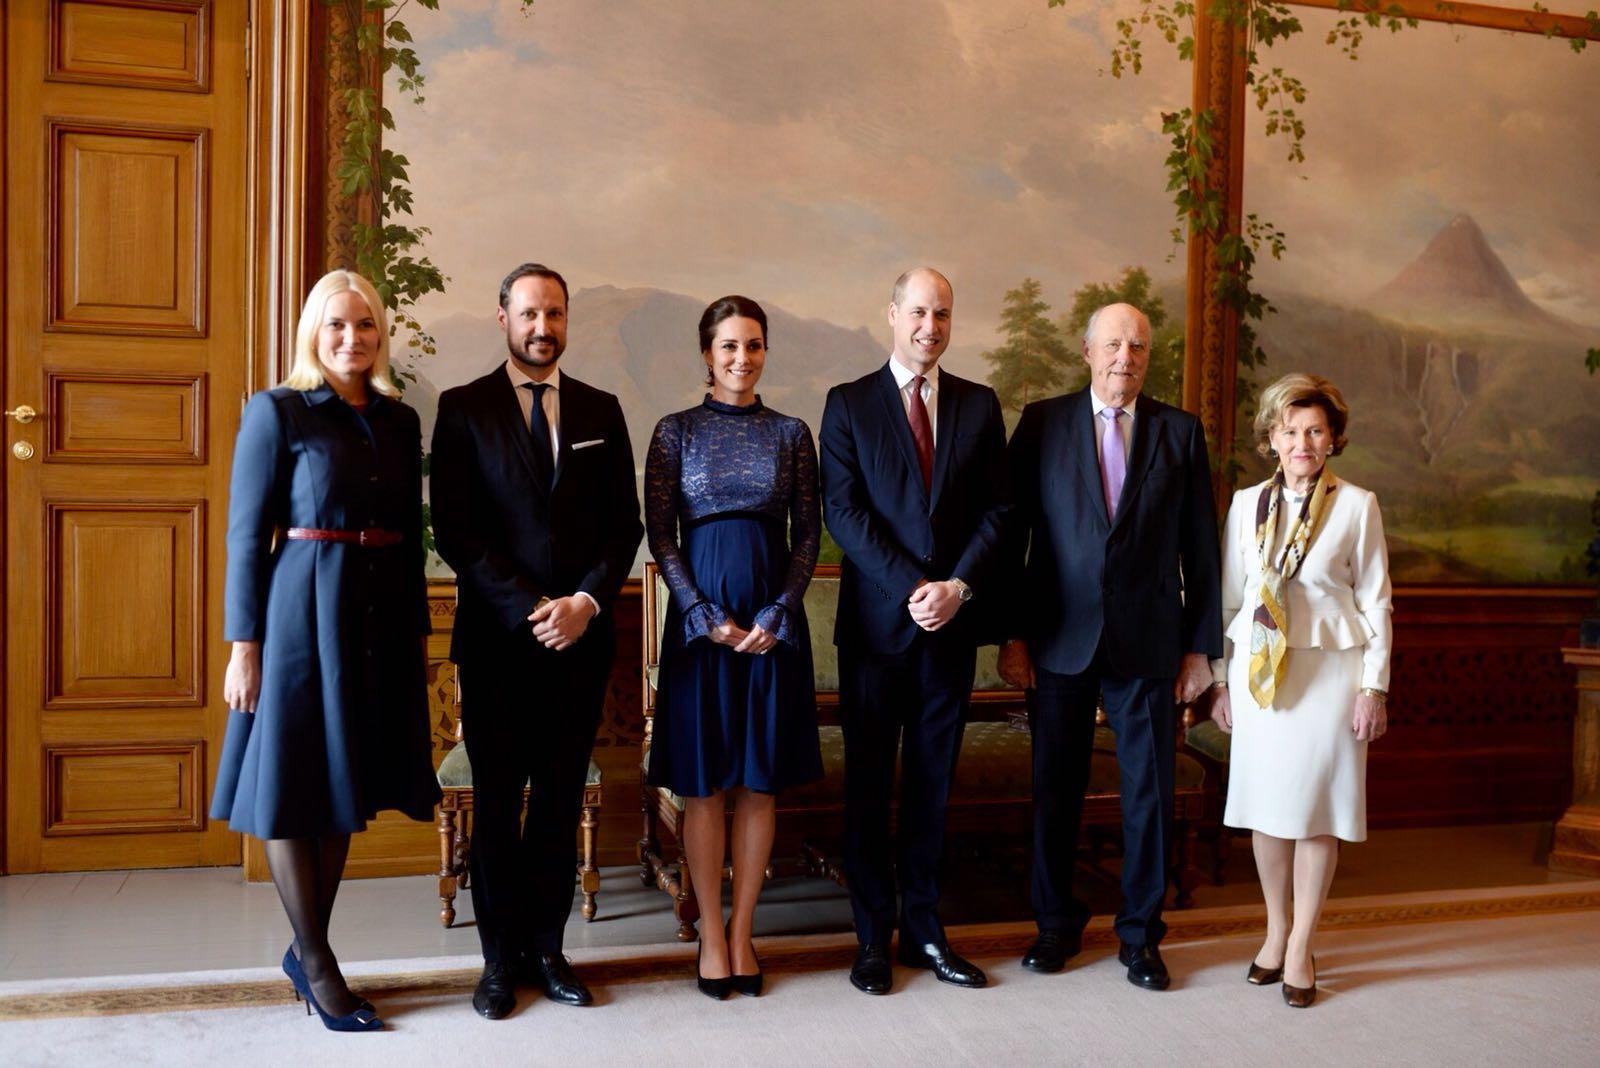 William y Kate posan junto el rey Harald de Noruega, la reina Sonja y los herederos Haakon y Mette Marit, en el Palacio Real de Oslo. (Foto: Vidar Ruud/NTB Scanpix via AP)